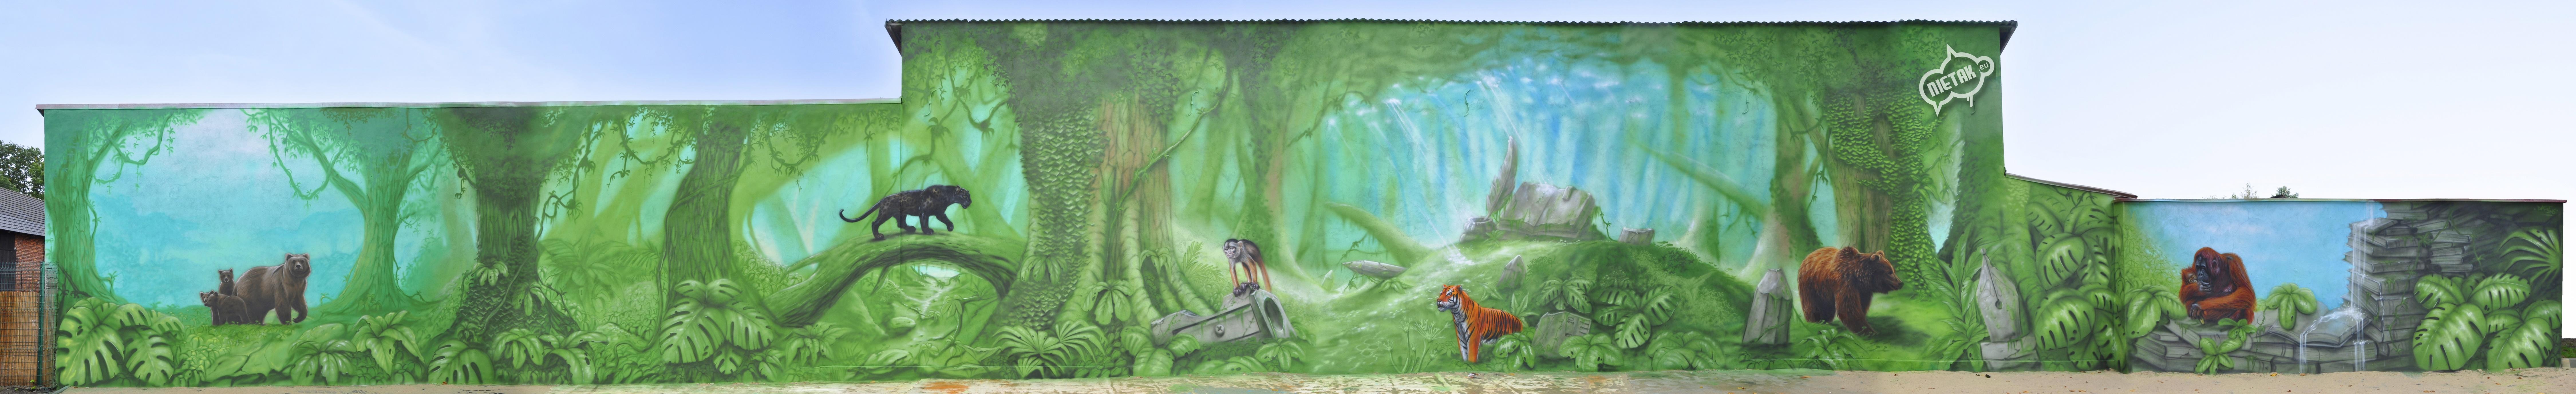 Mural szkoła 1-1